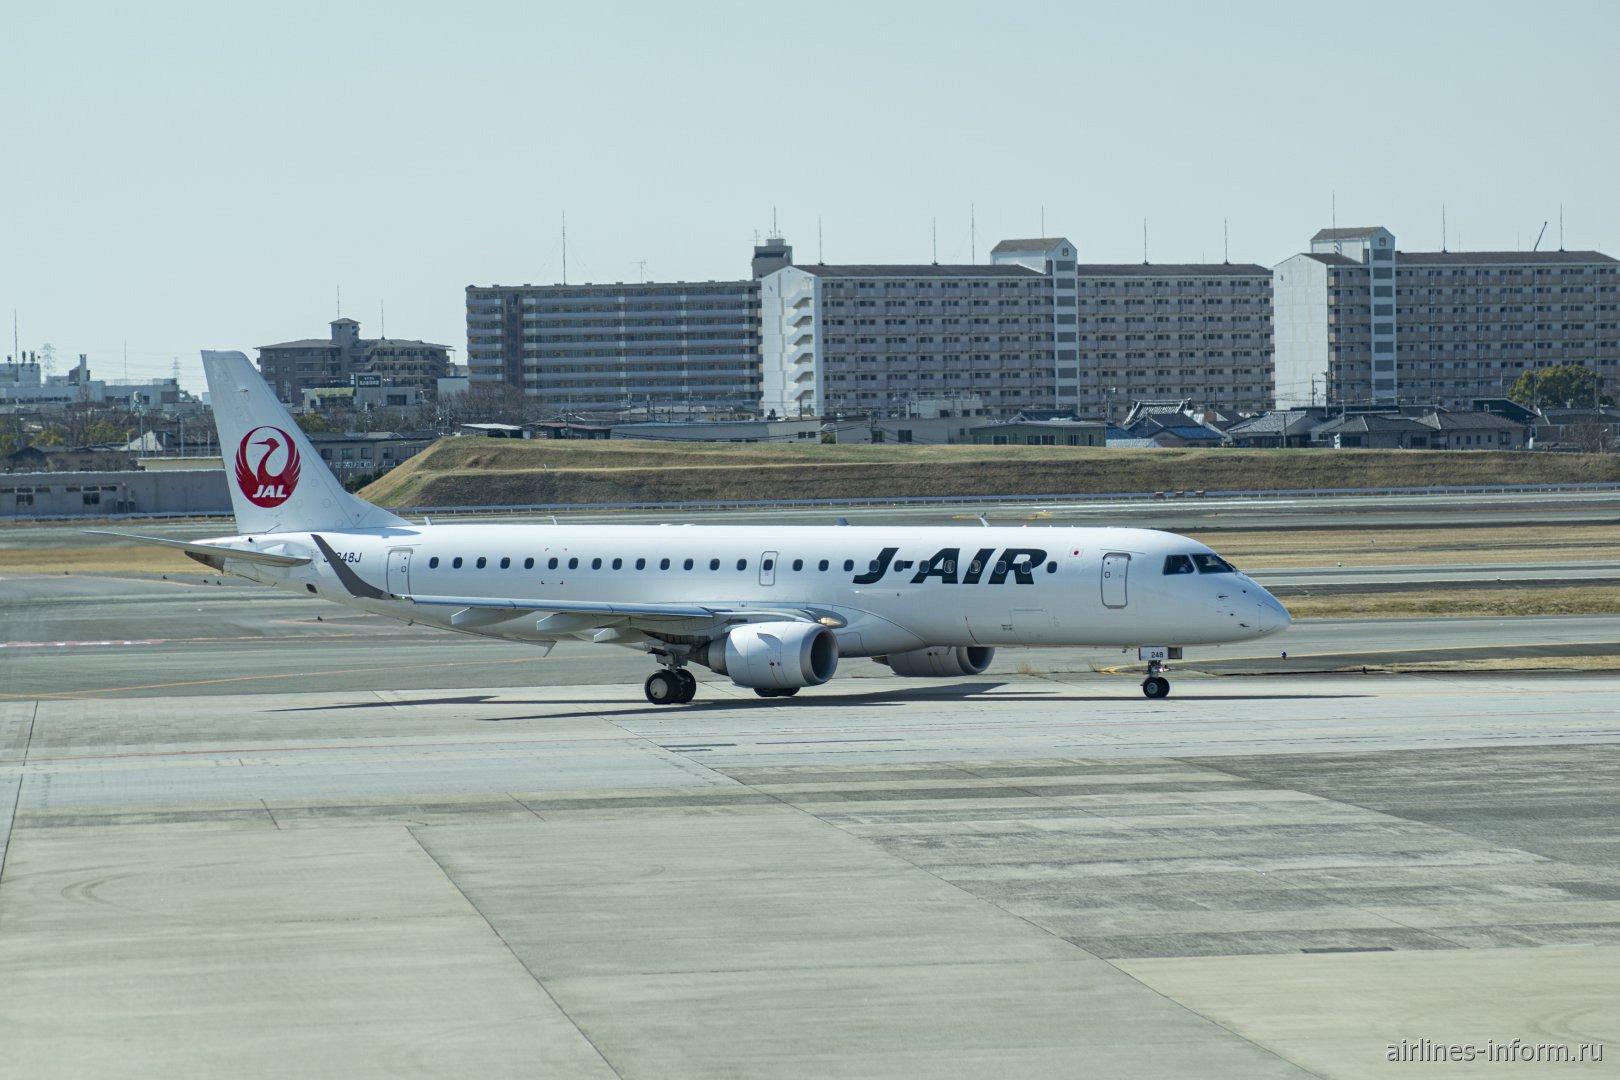 Самолет Embraer 190 J-Air в аэропорта Осака Итами